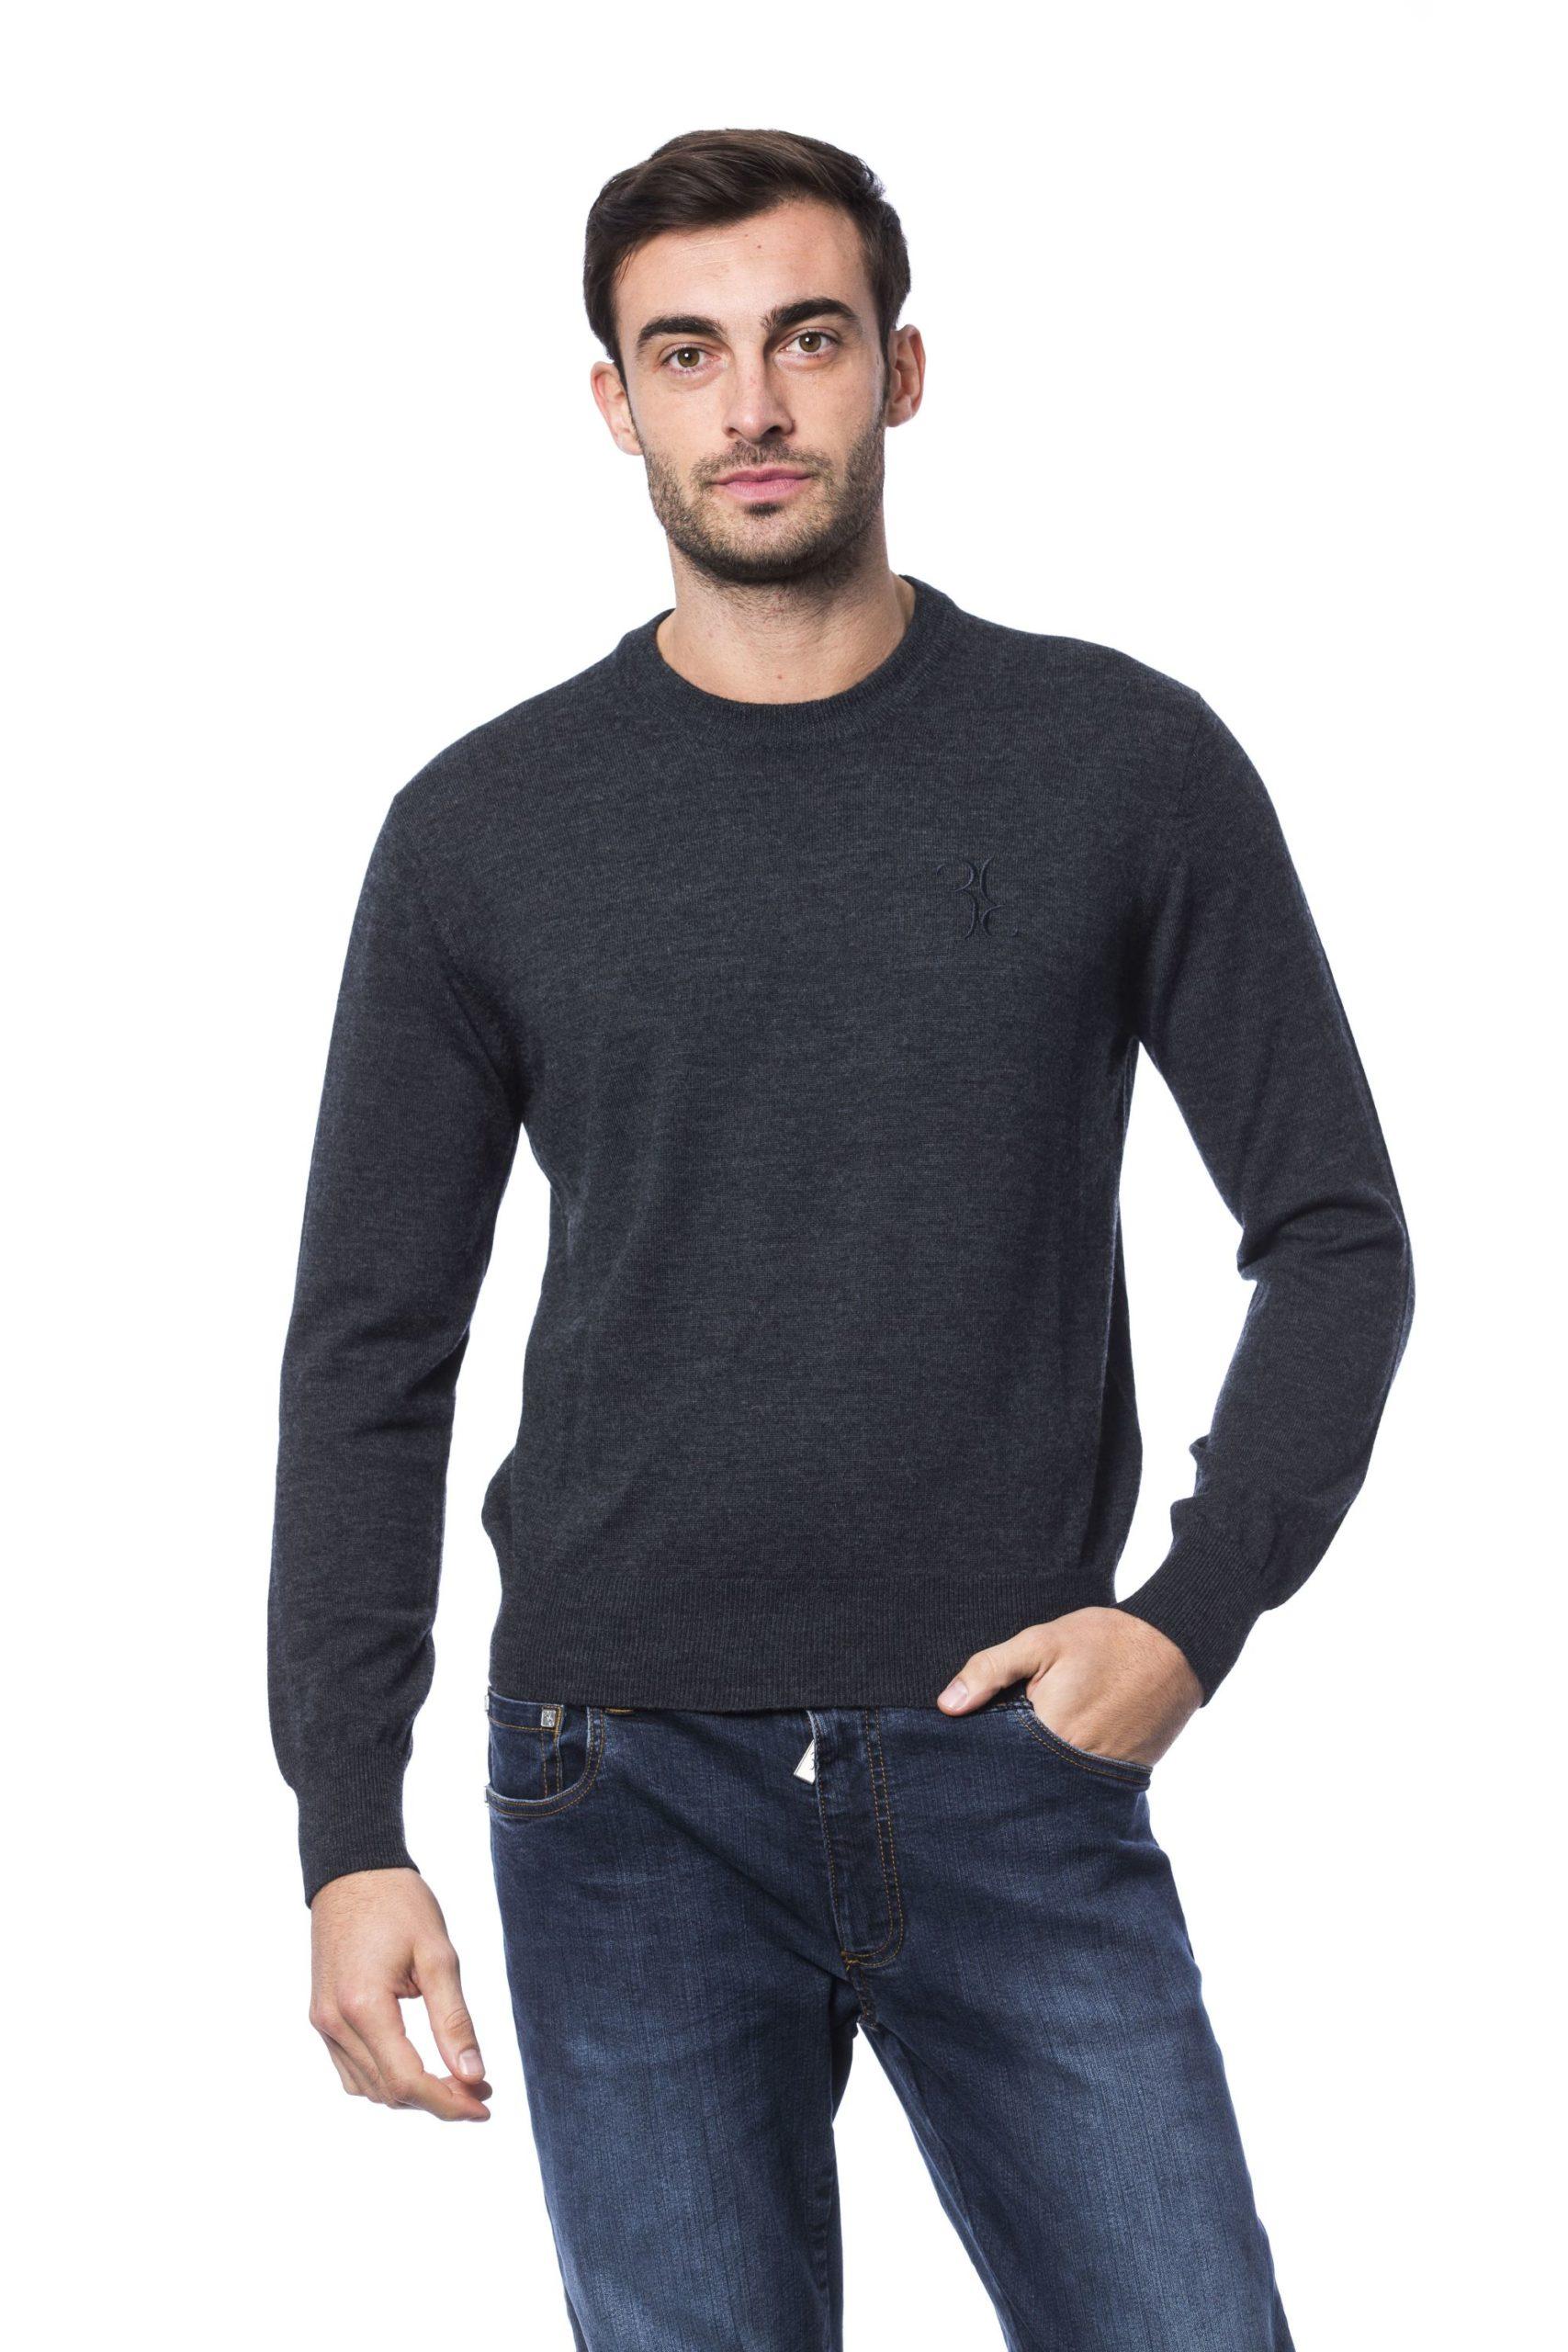 Billionaire Italian Couture Men's Sweater Grey BI816885 - 4XL